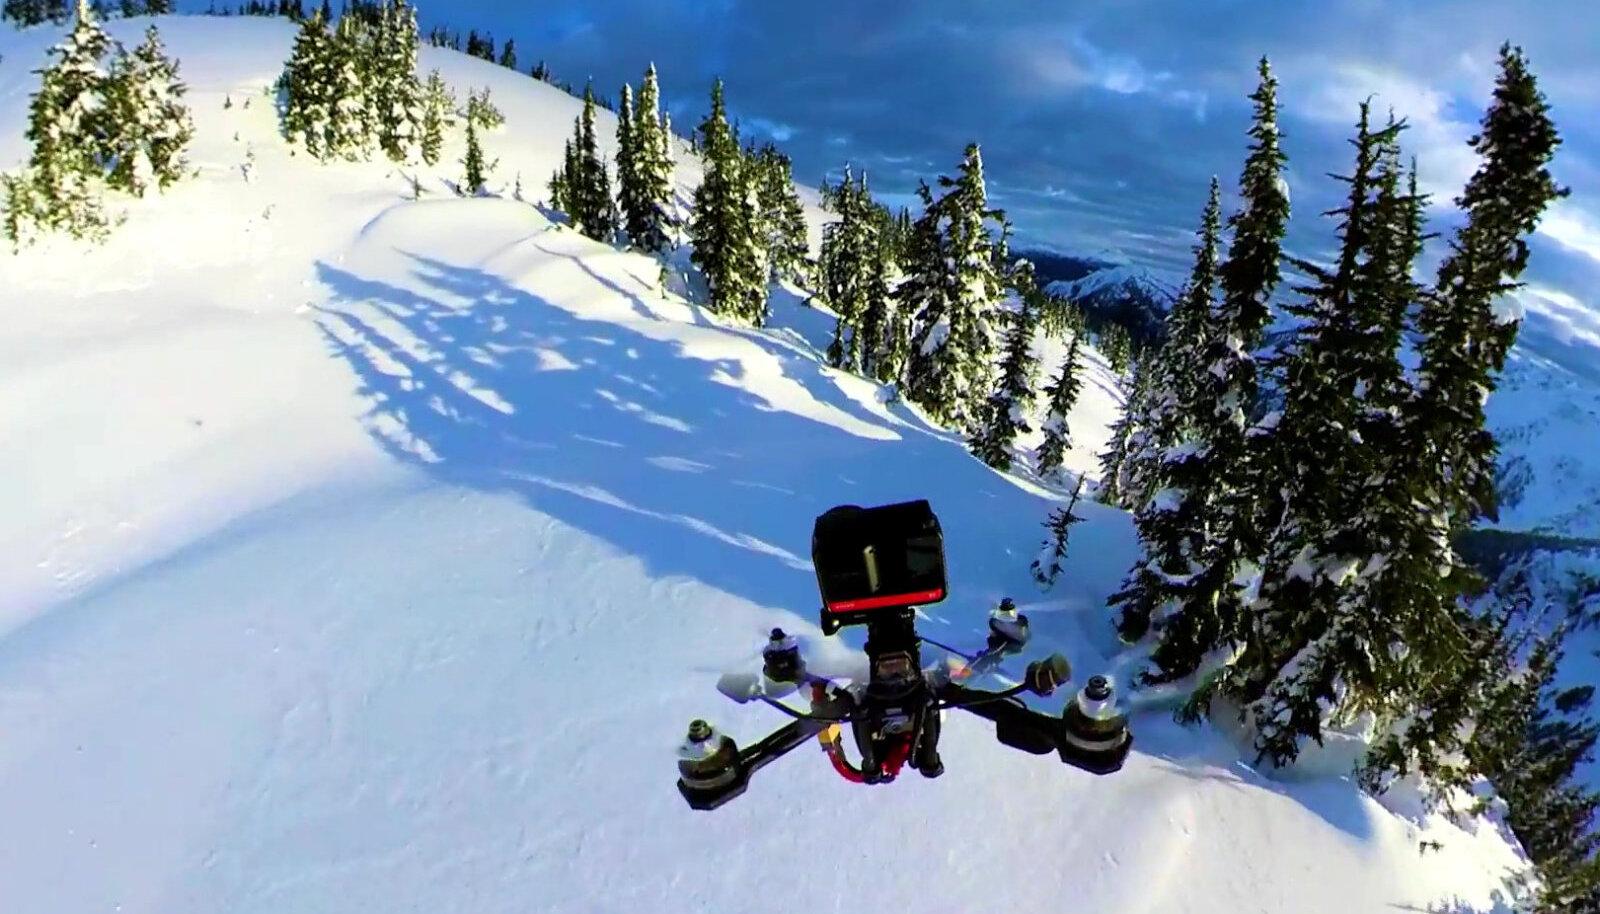 Siin kihutab Kanada lumiste väljade kohal veel tavaline droon. Võimalikest väikeste tapjabot'ide ohust on aga juba mõnda aega räägitud.